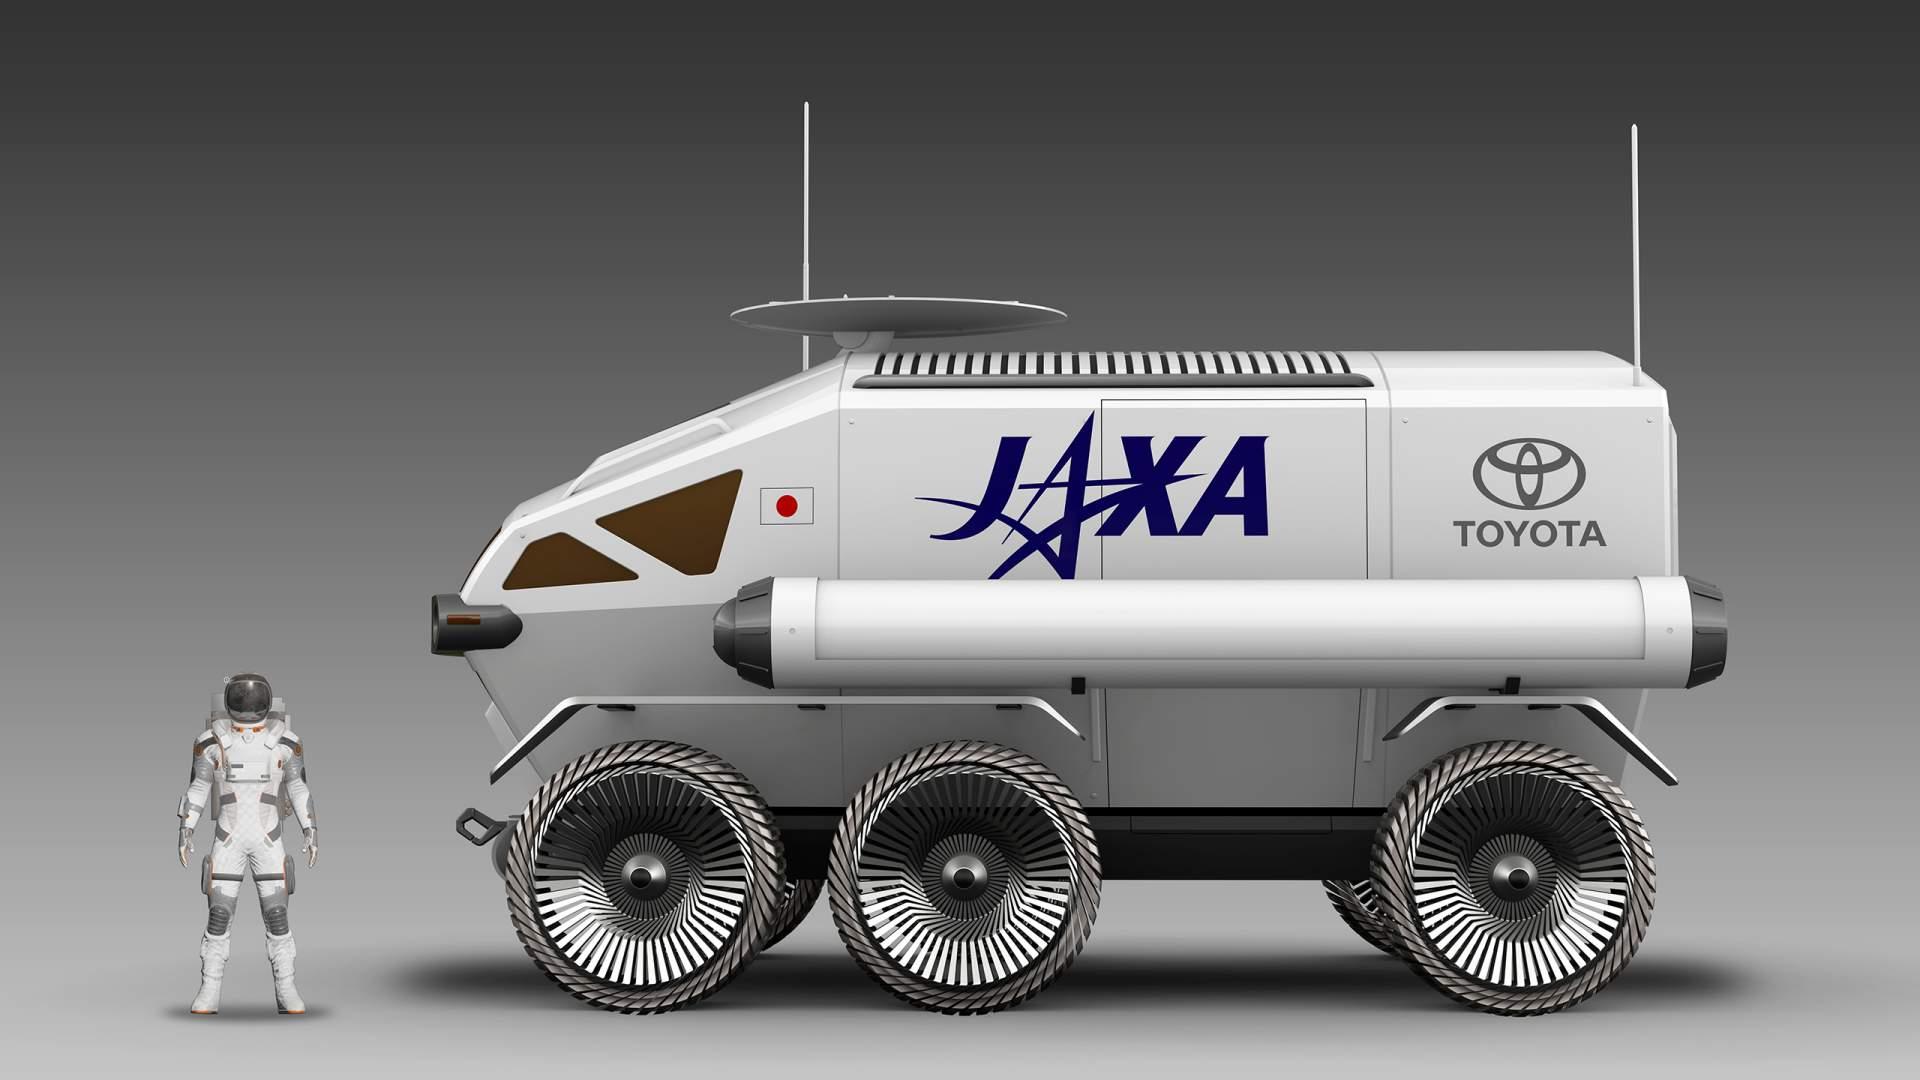 El Lunar Rover es el vehículo con el que Toyota planea